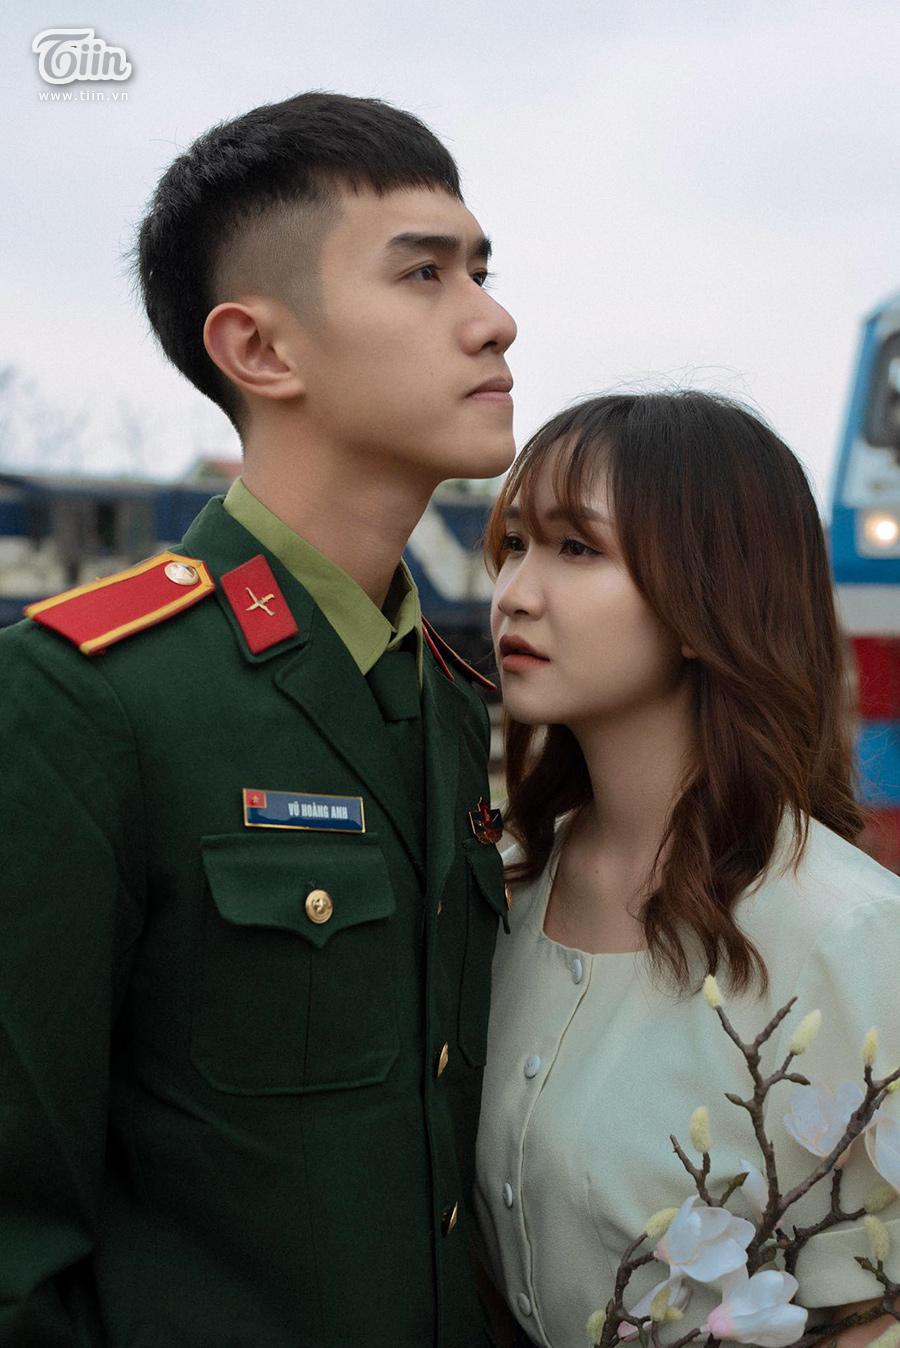 Chuyện tình 'yêu chàng quân nhân' gây sốt: 'Thương em bằng con tim người lính, tình trong ngực và đất nước trên vai' 9